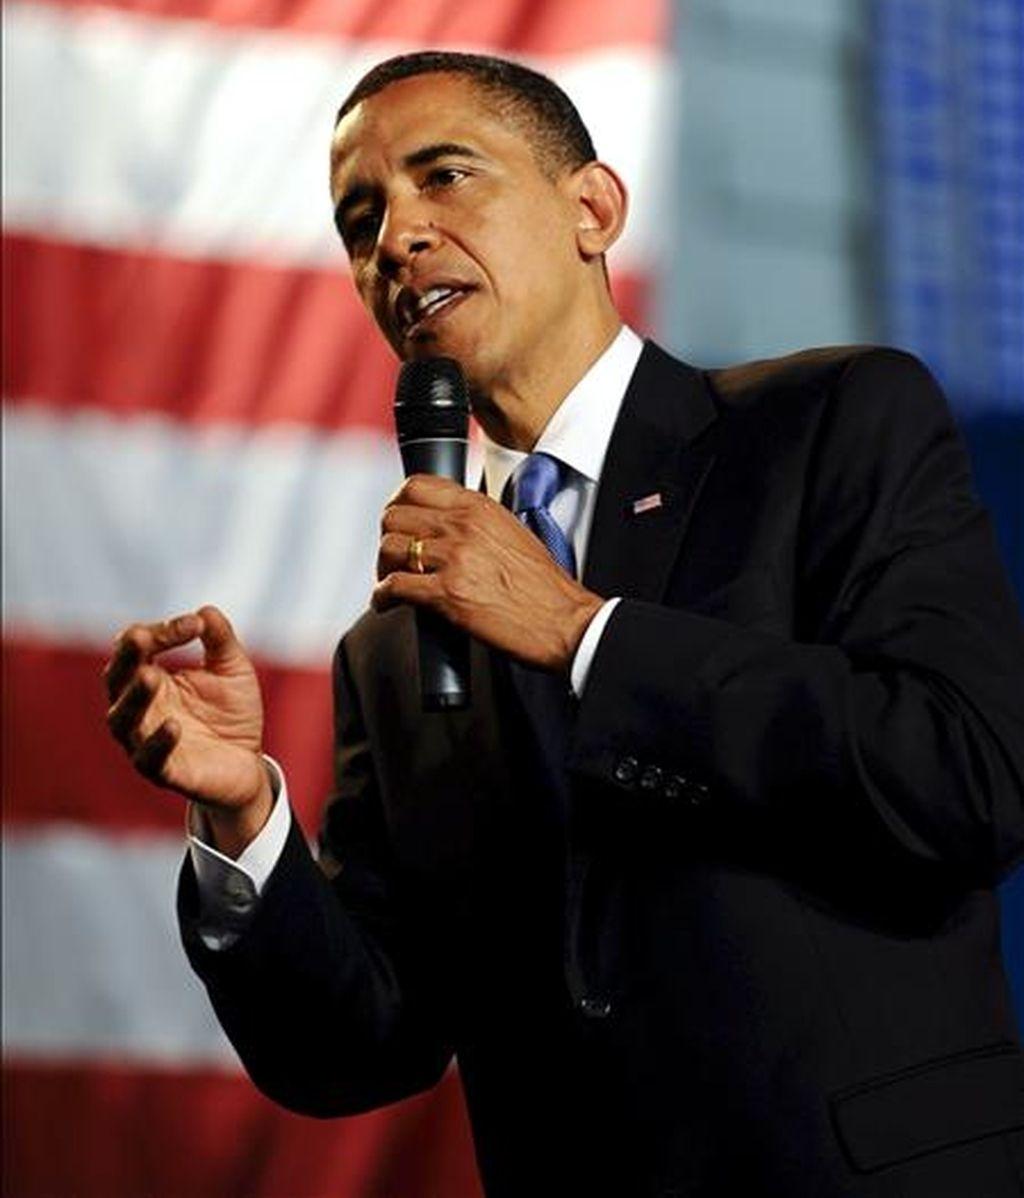 """""""Vamos a poner en marcha un conjunto de medidas regulatorias que, según creo, servirán para prevenir que este tipo de crisis ocurra de nuevo"""", dijo el martes Obama. EFE/Archivo"""